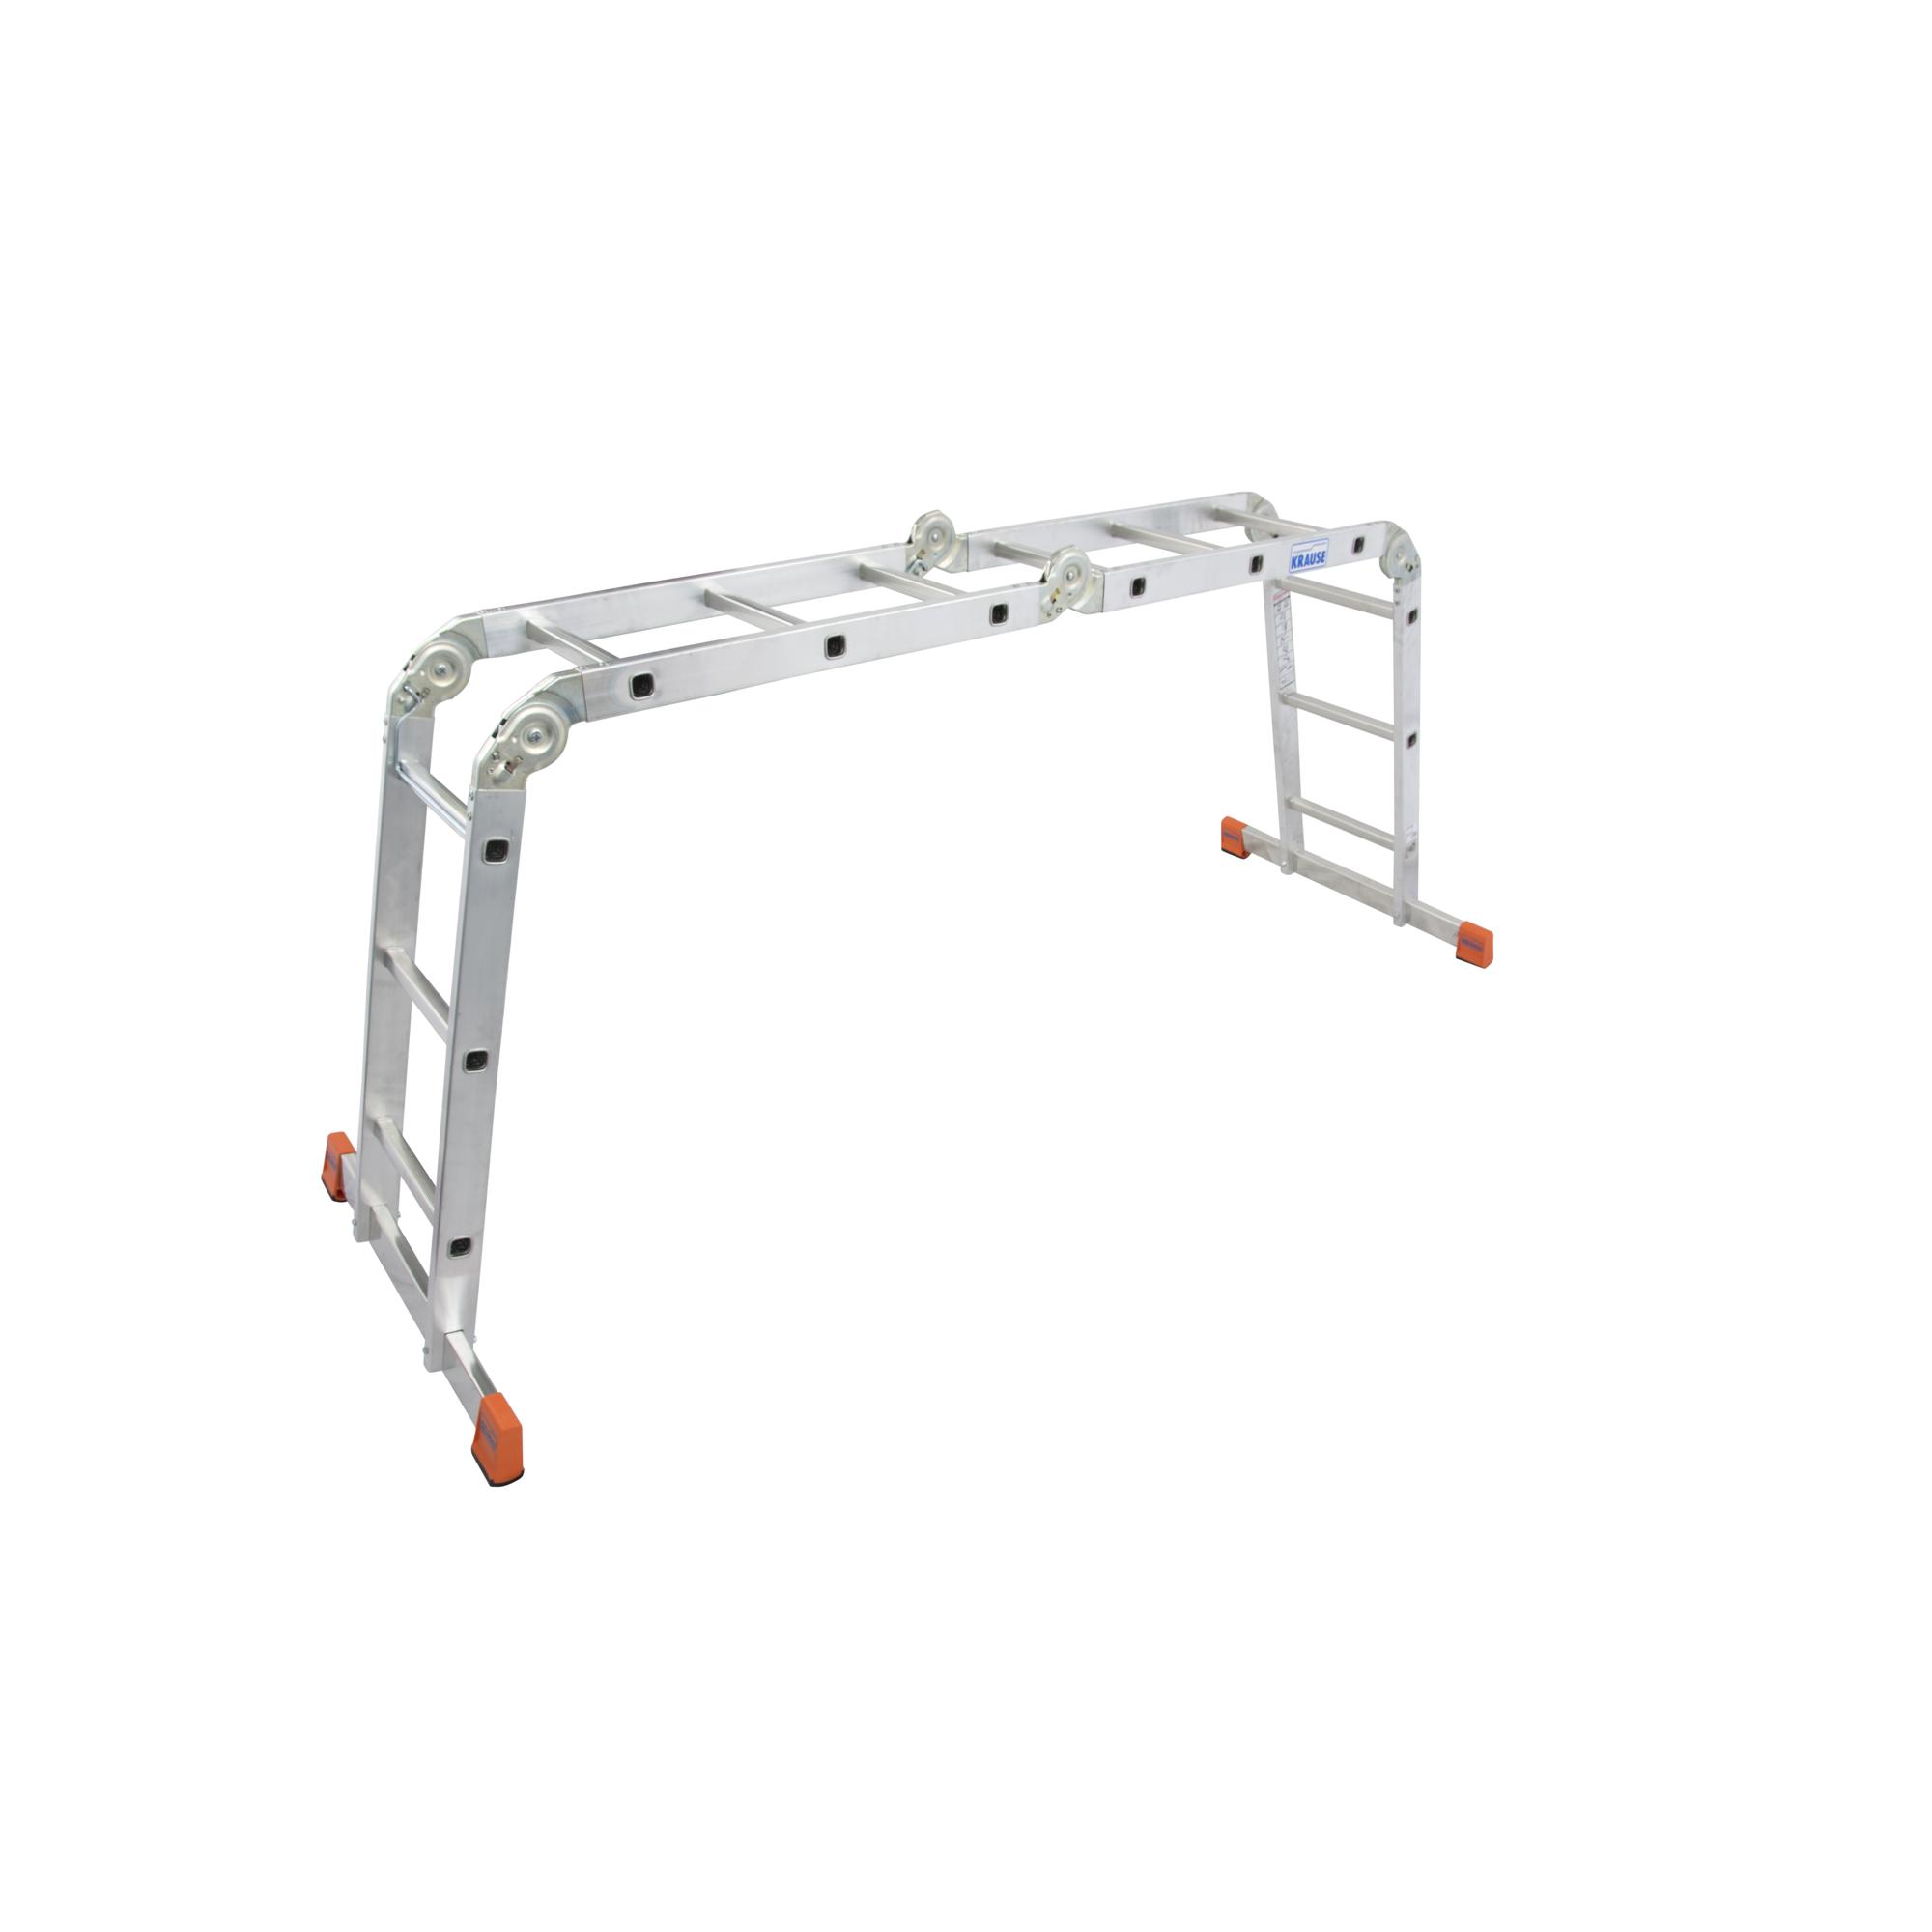 Krause MultiMatic Gelenk-Universal-Leiter 4 x 3 Sprossen